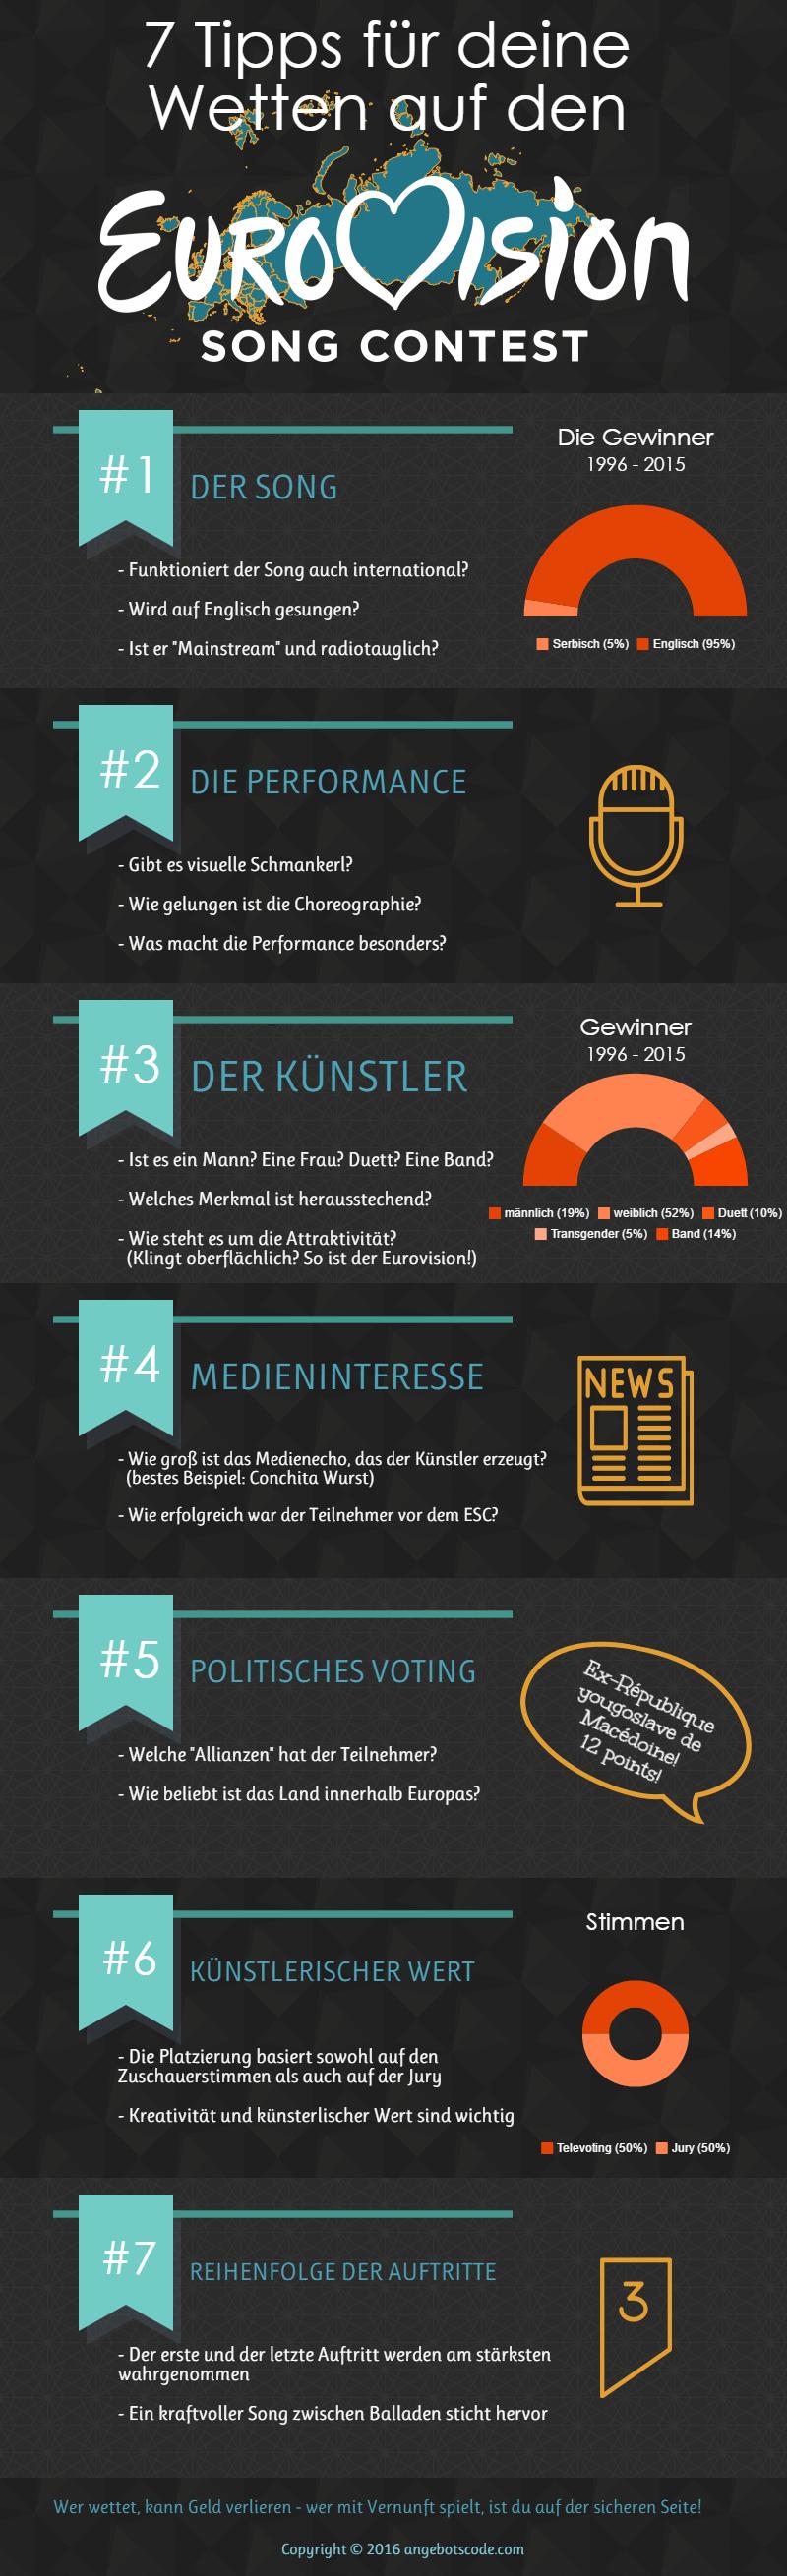 7-tips-esc-wetten-infografik